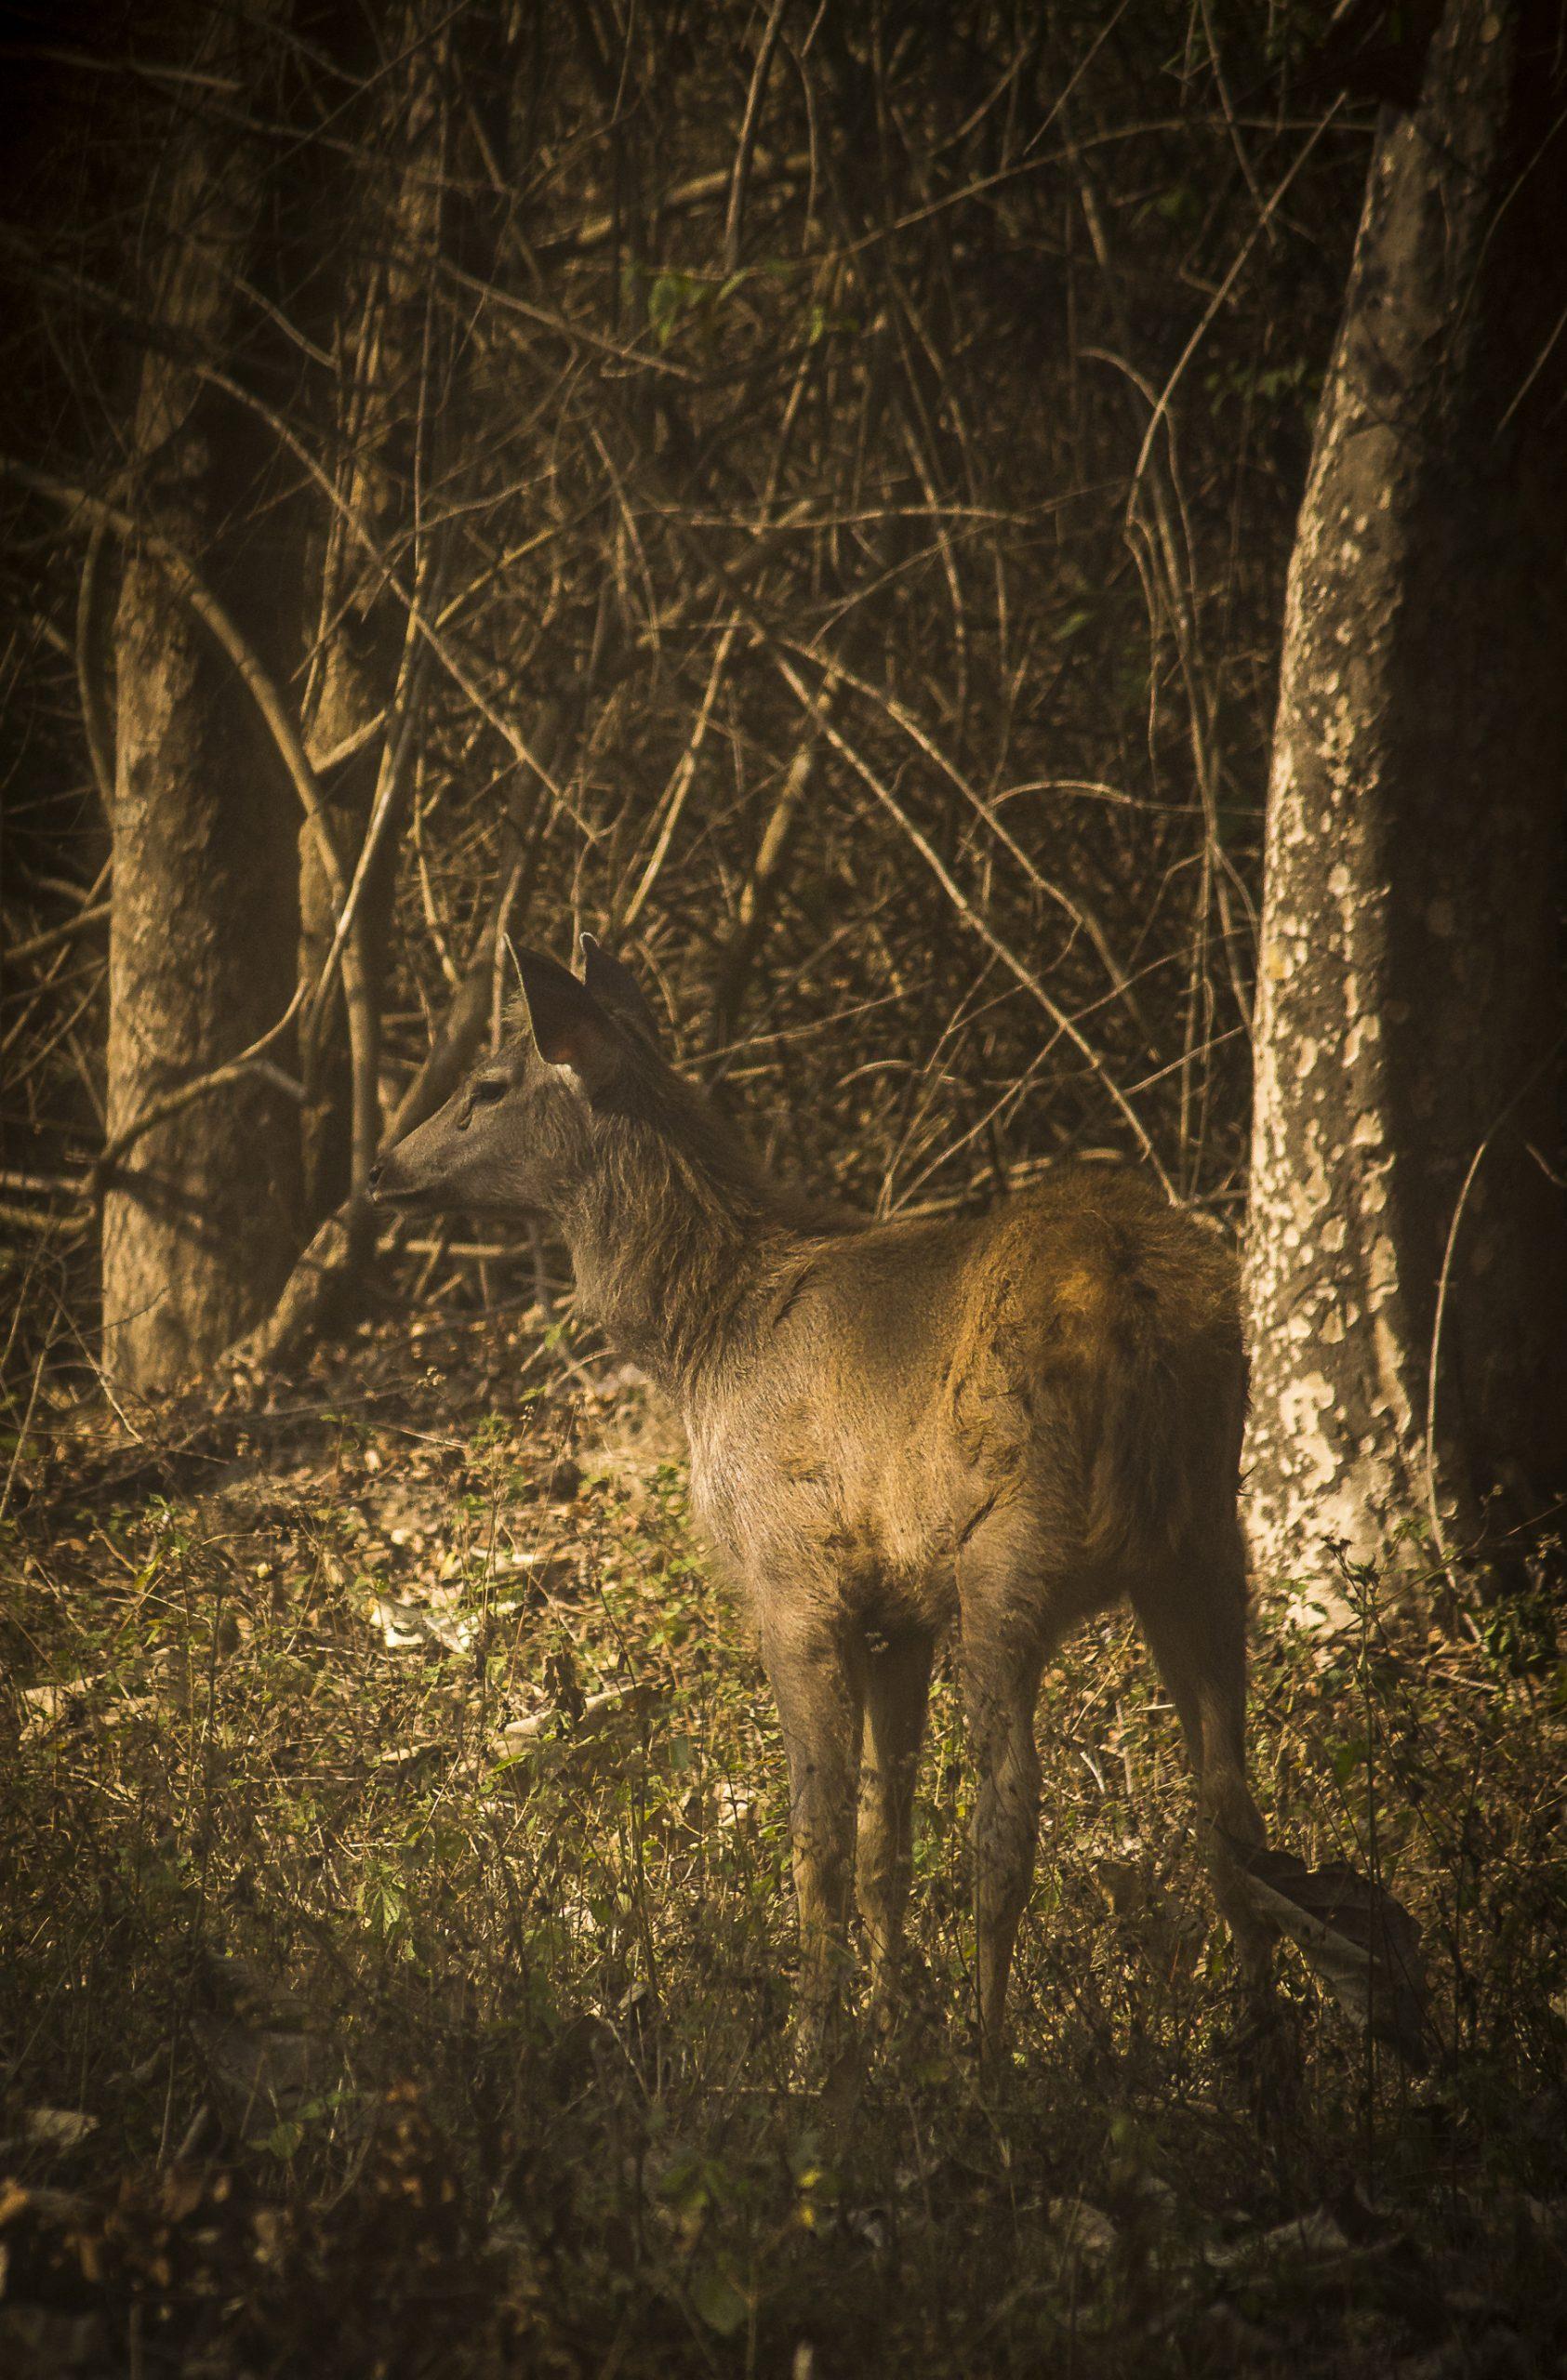 A female sambar deer in a jungle